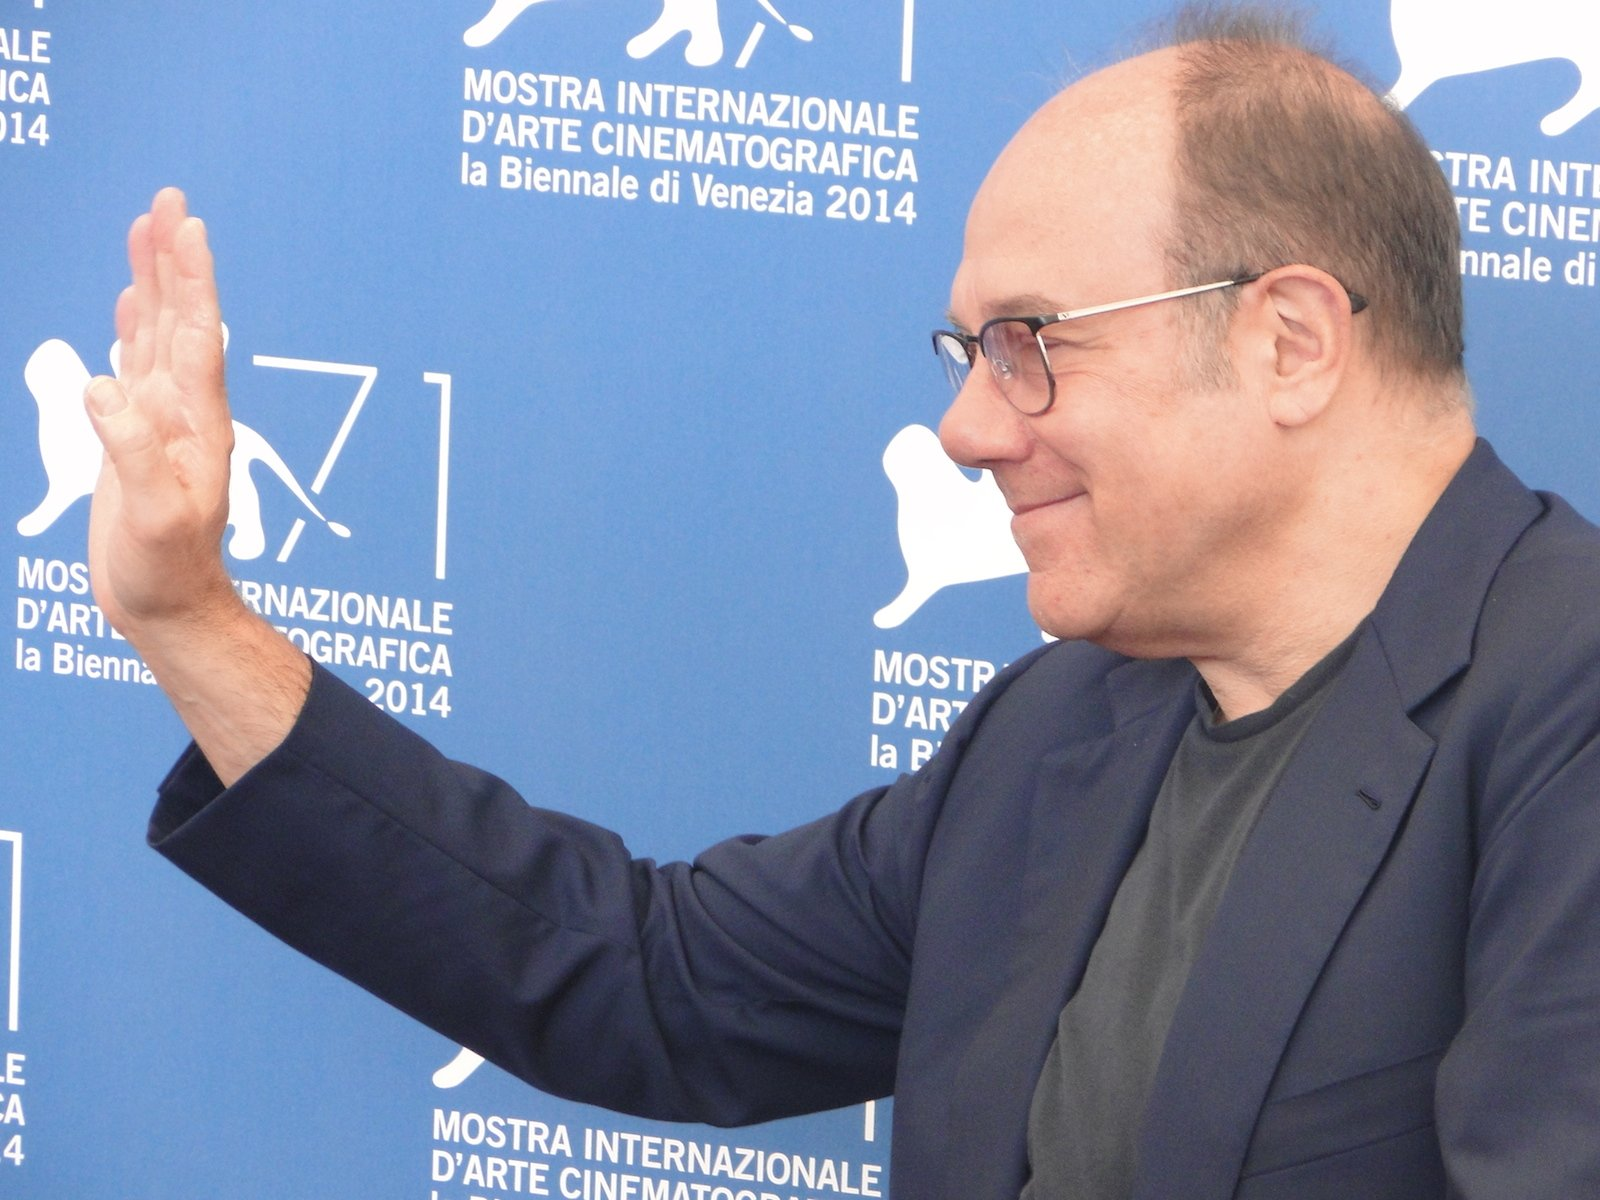 Venezia 2014: Carlo Verdone è uno dei giurati di questa edizione